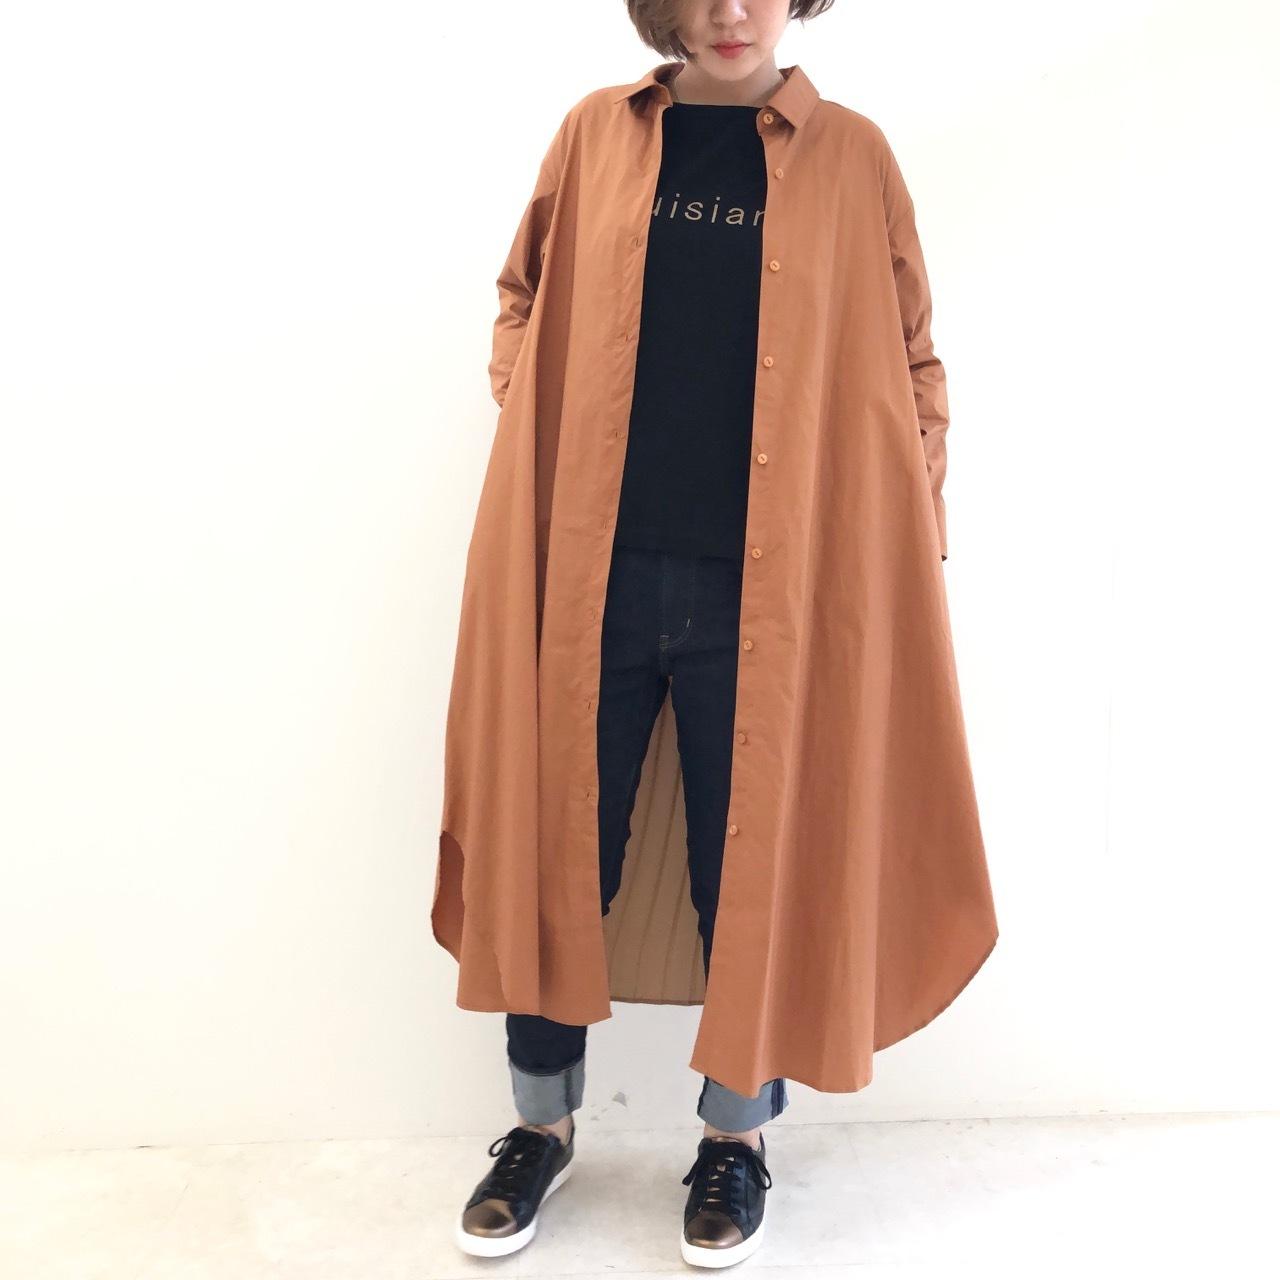 【 ROSIEE 】- 952-95079 - バックプリーツロングシャツコート